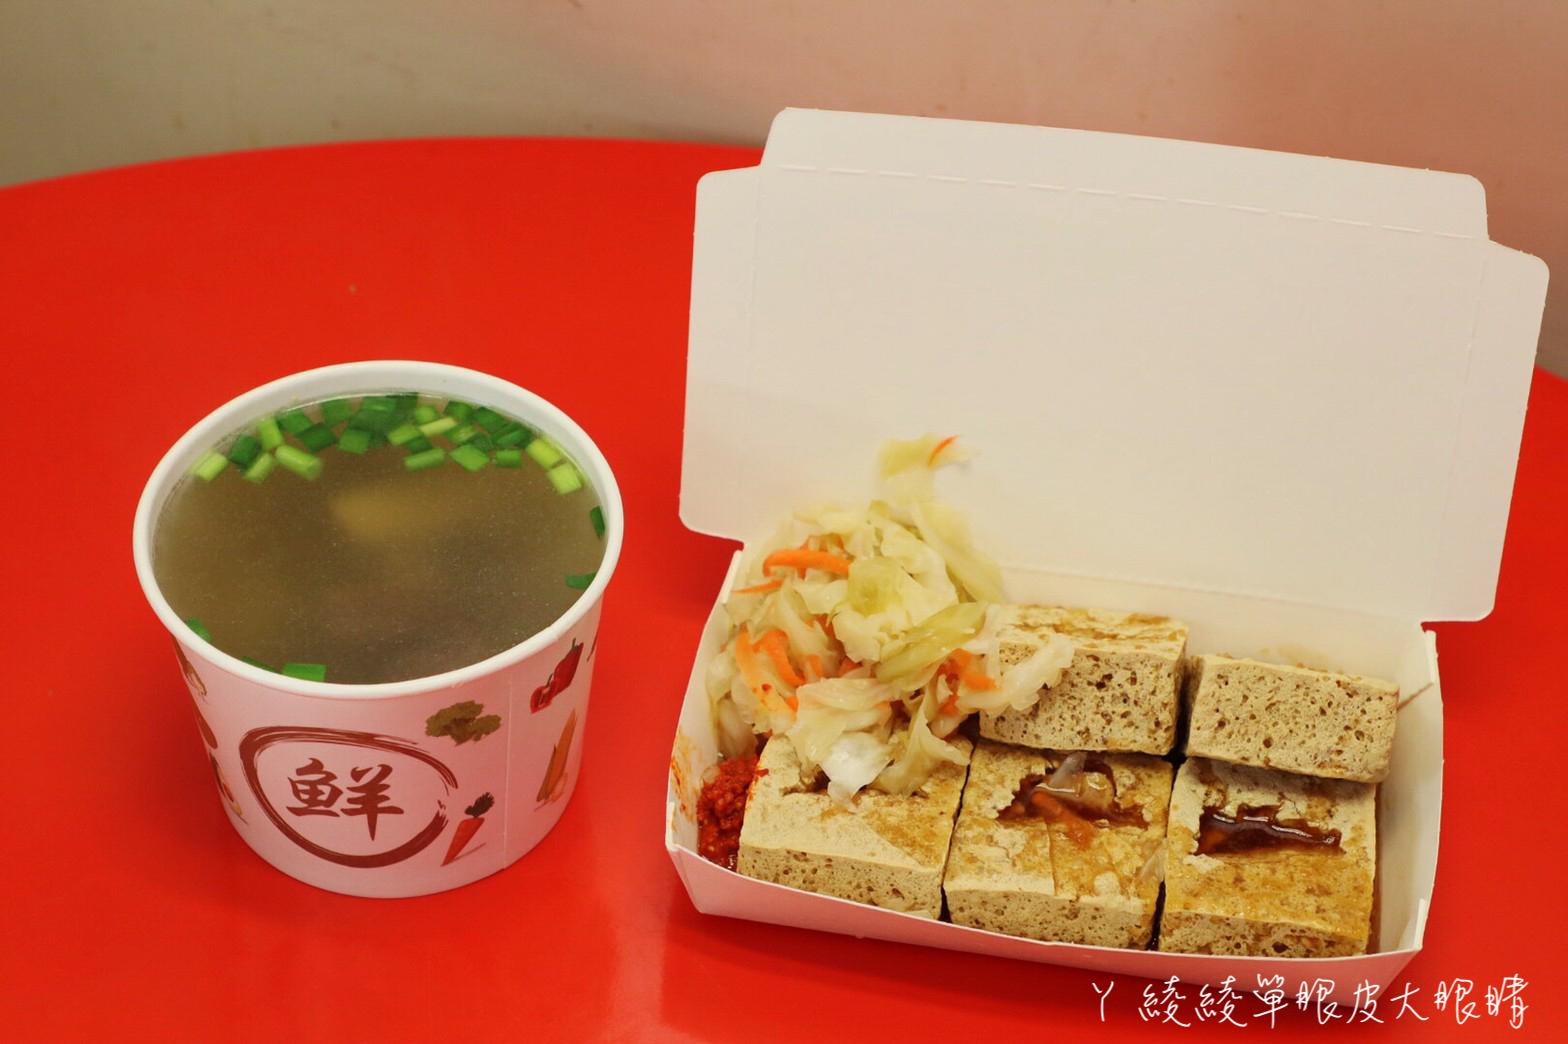 金山街逢甲夜市臭豆腐只賣兩樣東西!小腸豬血湯料超多,新竹園區附近必吃下午茶及凌晨宵夜美食